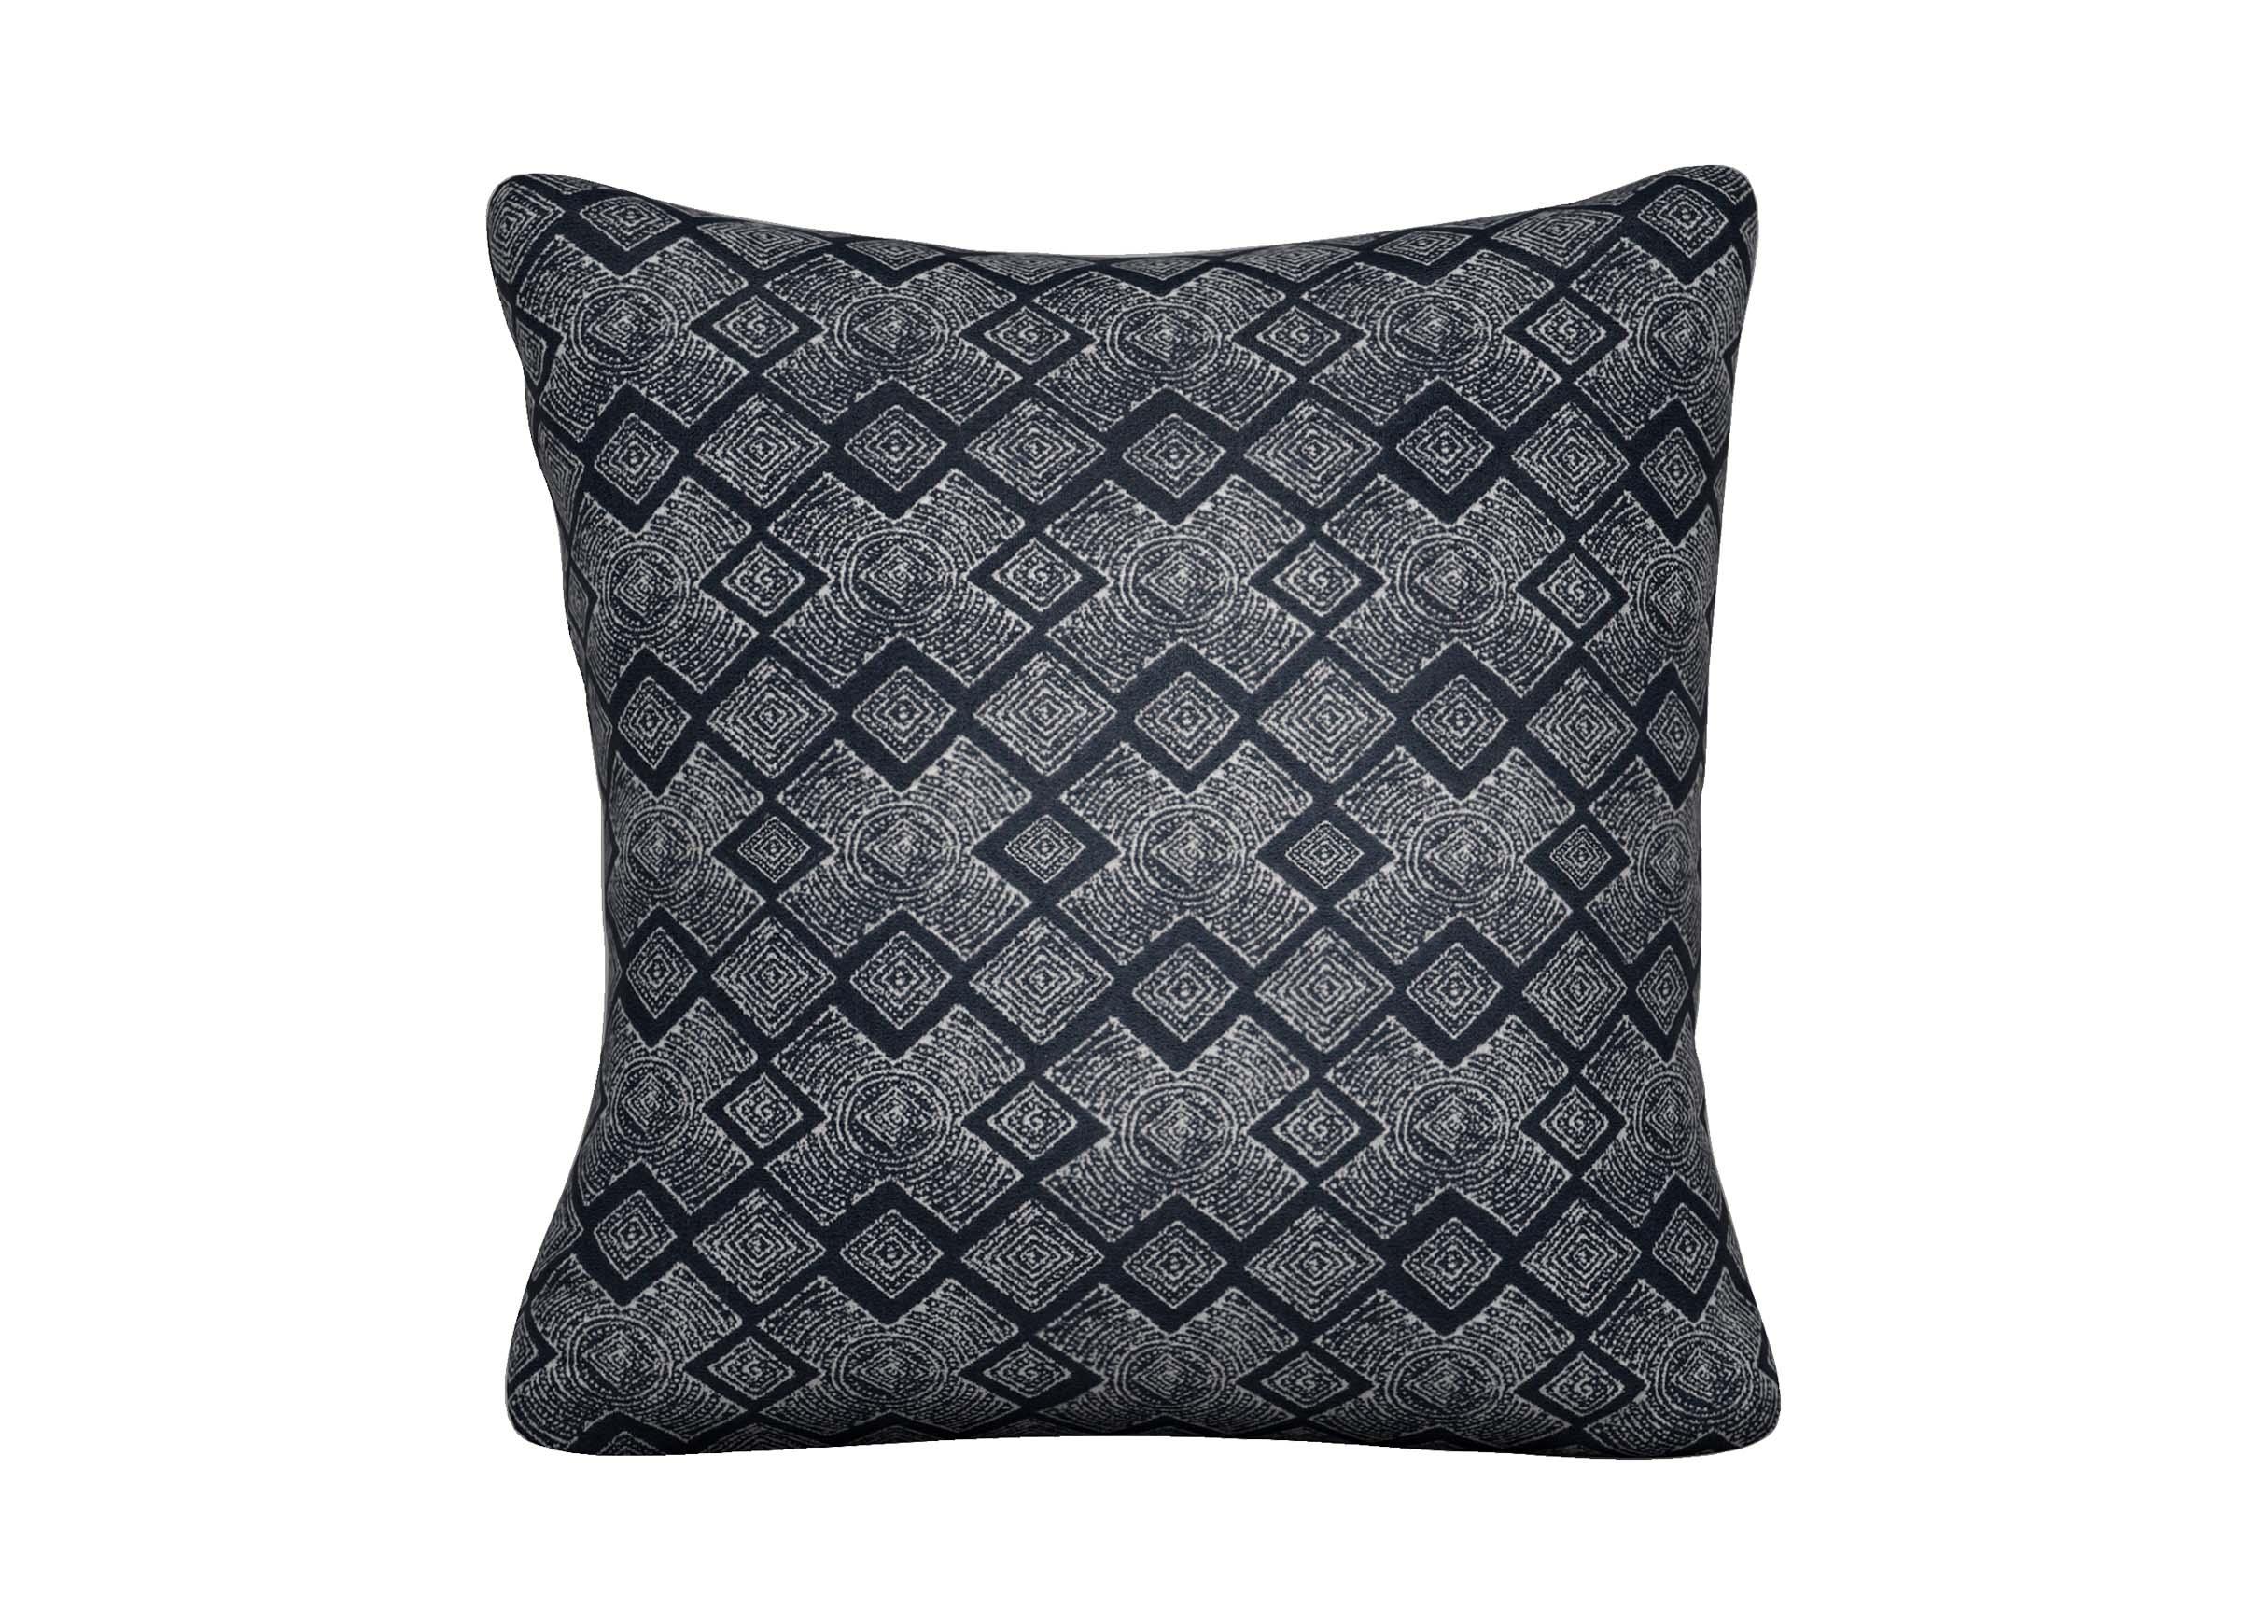 Distin Navy Outdoor Pillow